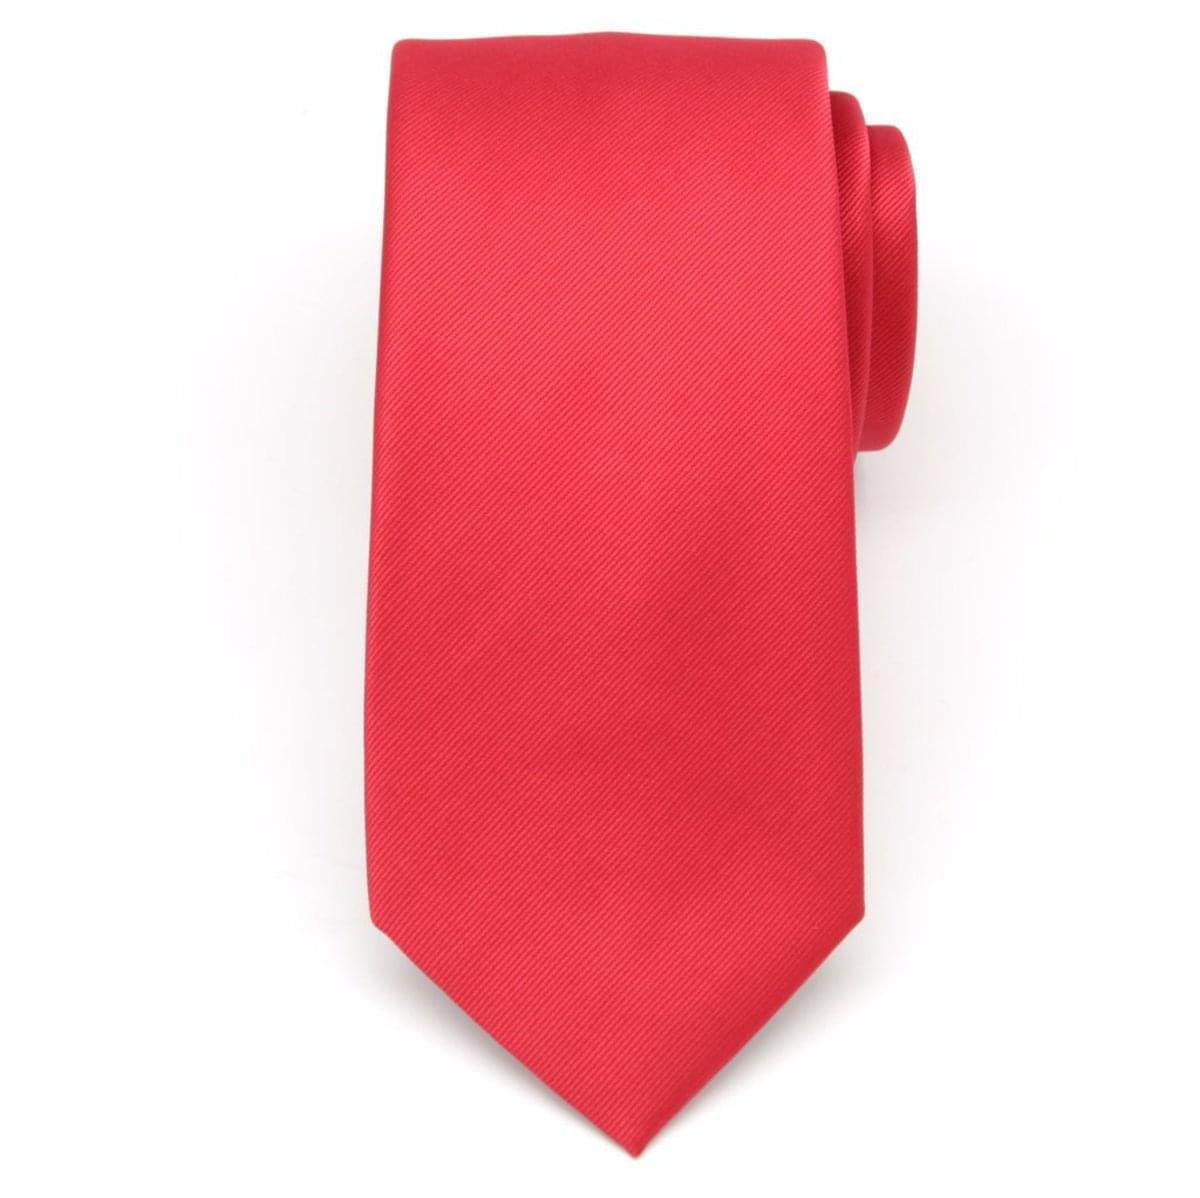 Pánská kravata z mikrovlákna (výška 1219) 6833 v červené barvě